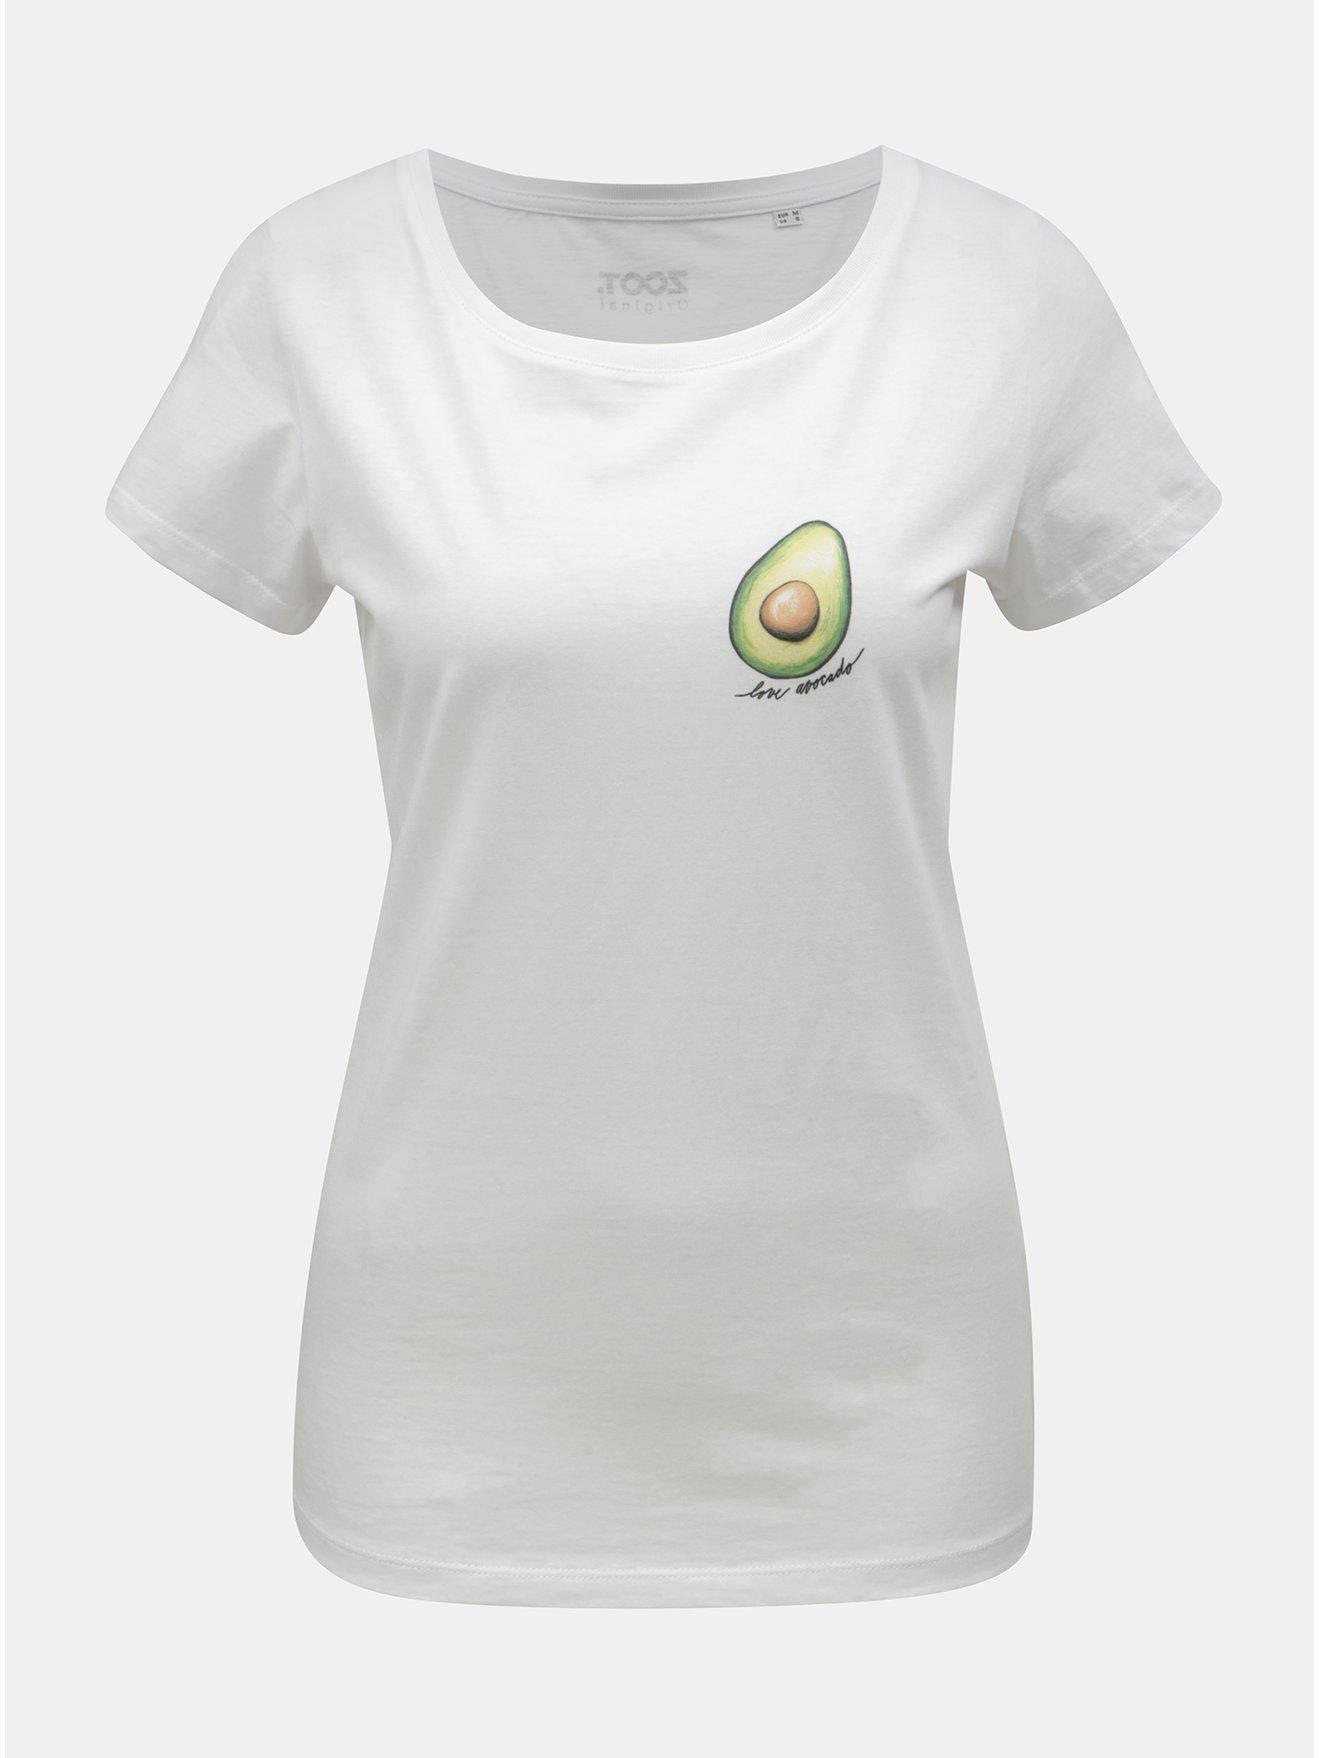 Bílé dámské tričko s motivem avokáda ZOOT Original Avocado 09ed934070